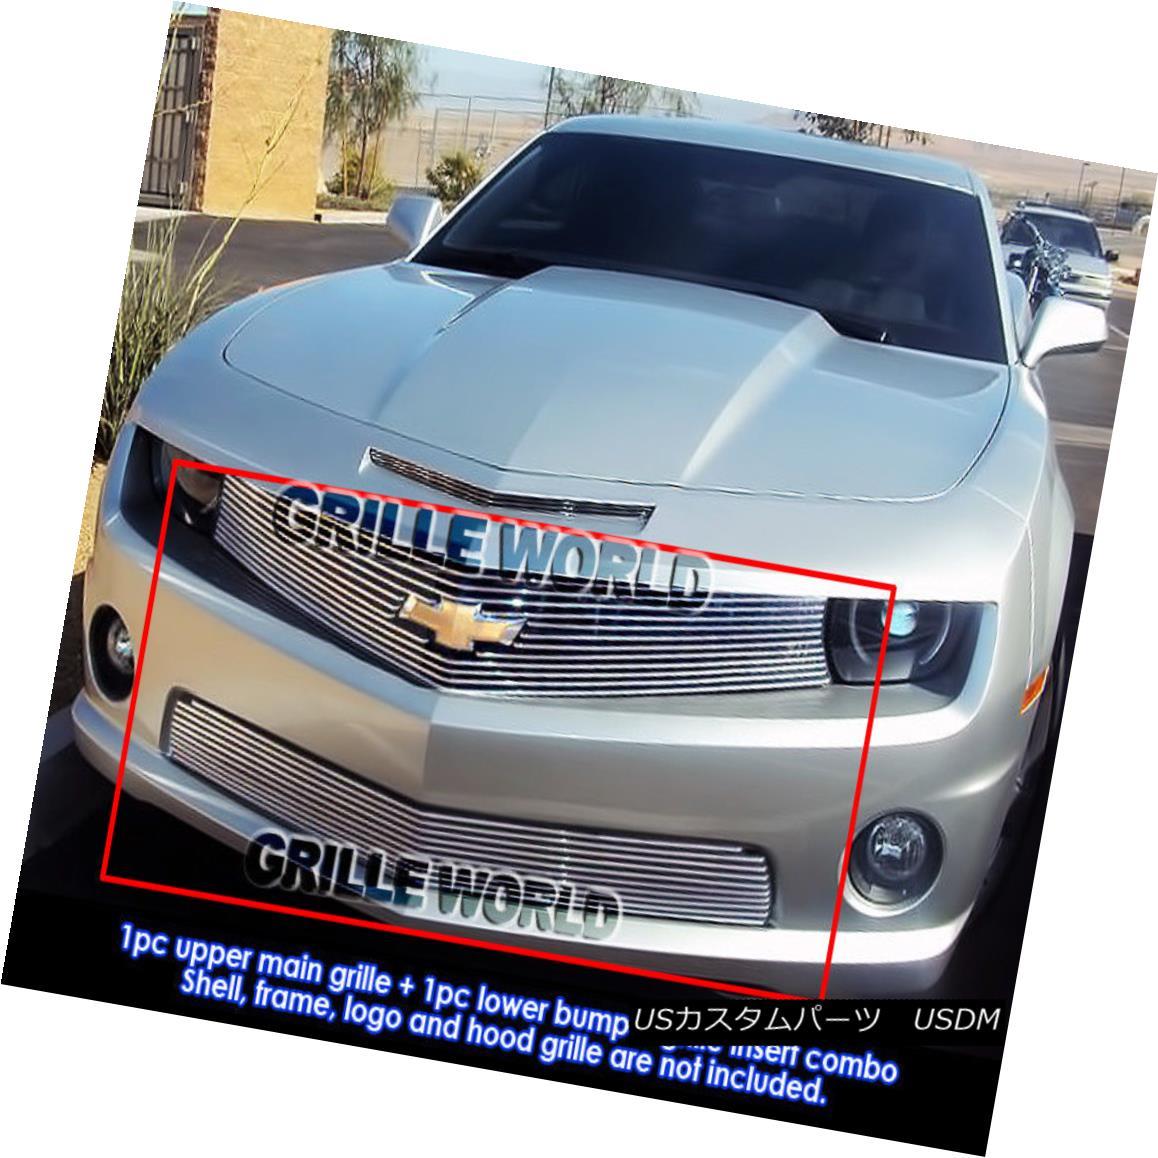 グリル For 2010-2013 Chevy Camaro SS V8 Billet Grille Grill Insert Combo 2010-2013シボレーカマロSS V8ビレットグリルグリルインサートコンボ用